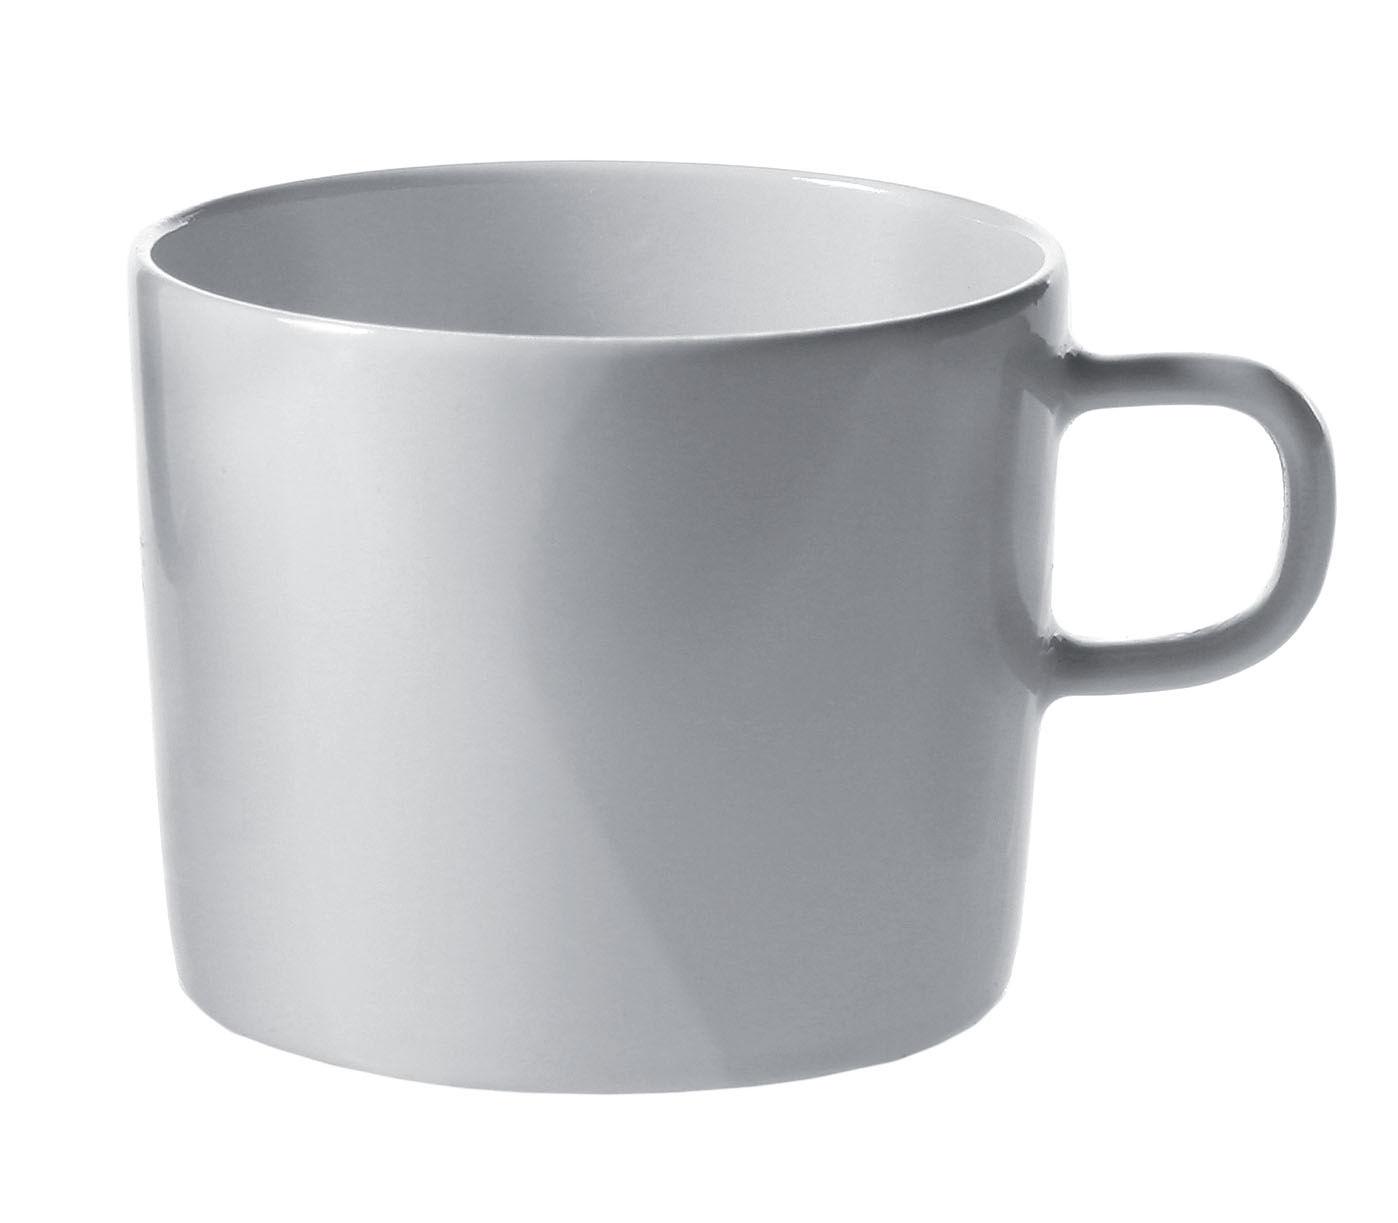 tasse caf platebowlcup tasse blanche a di alessi. Black Bedroom Furniture Sets. Home Design Ideas